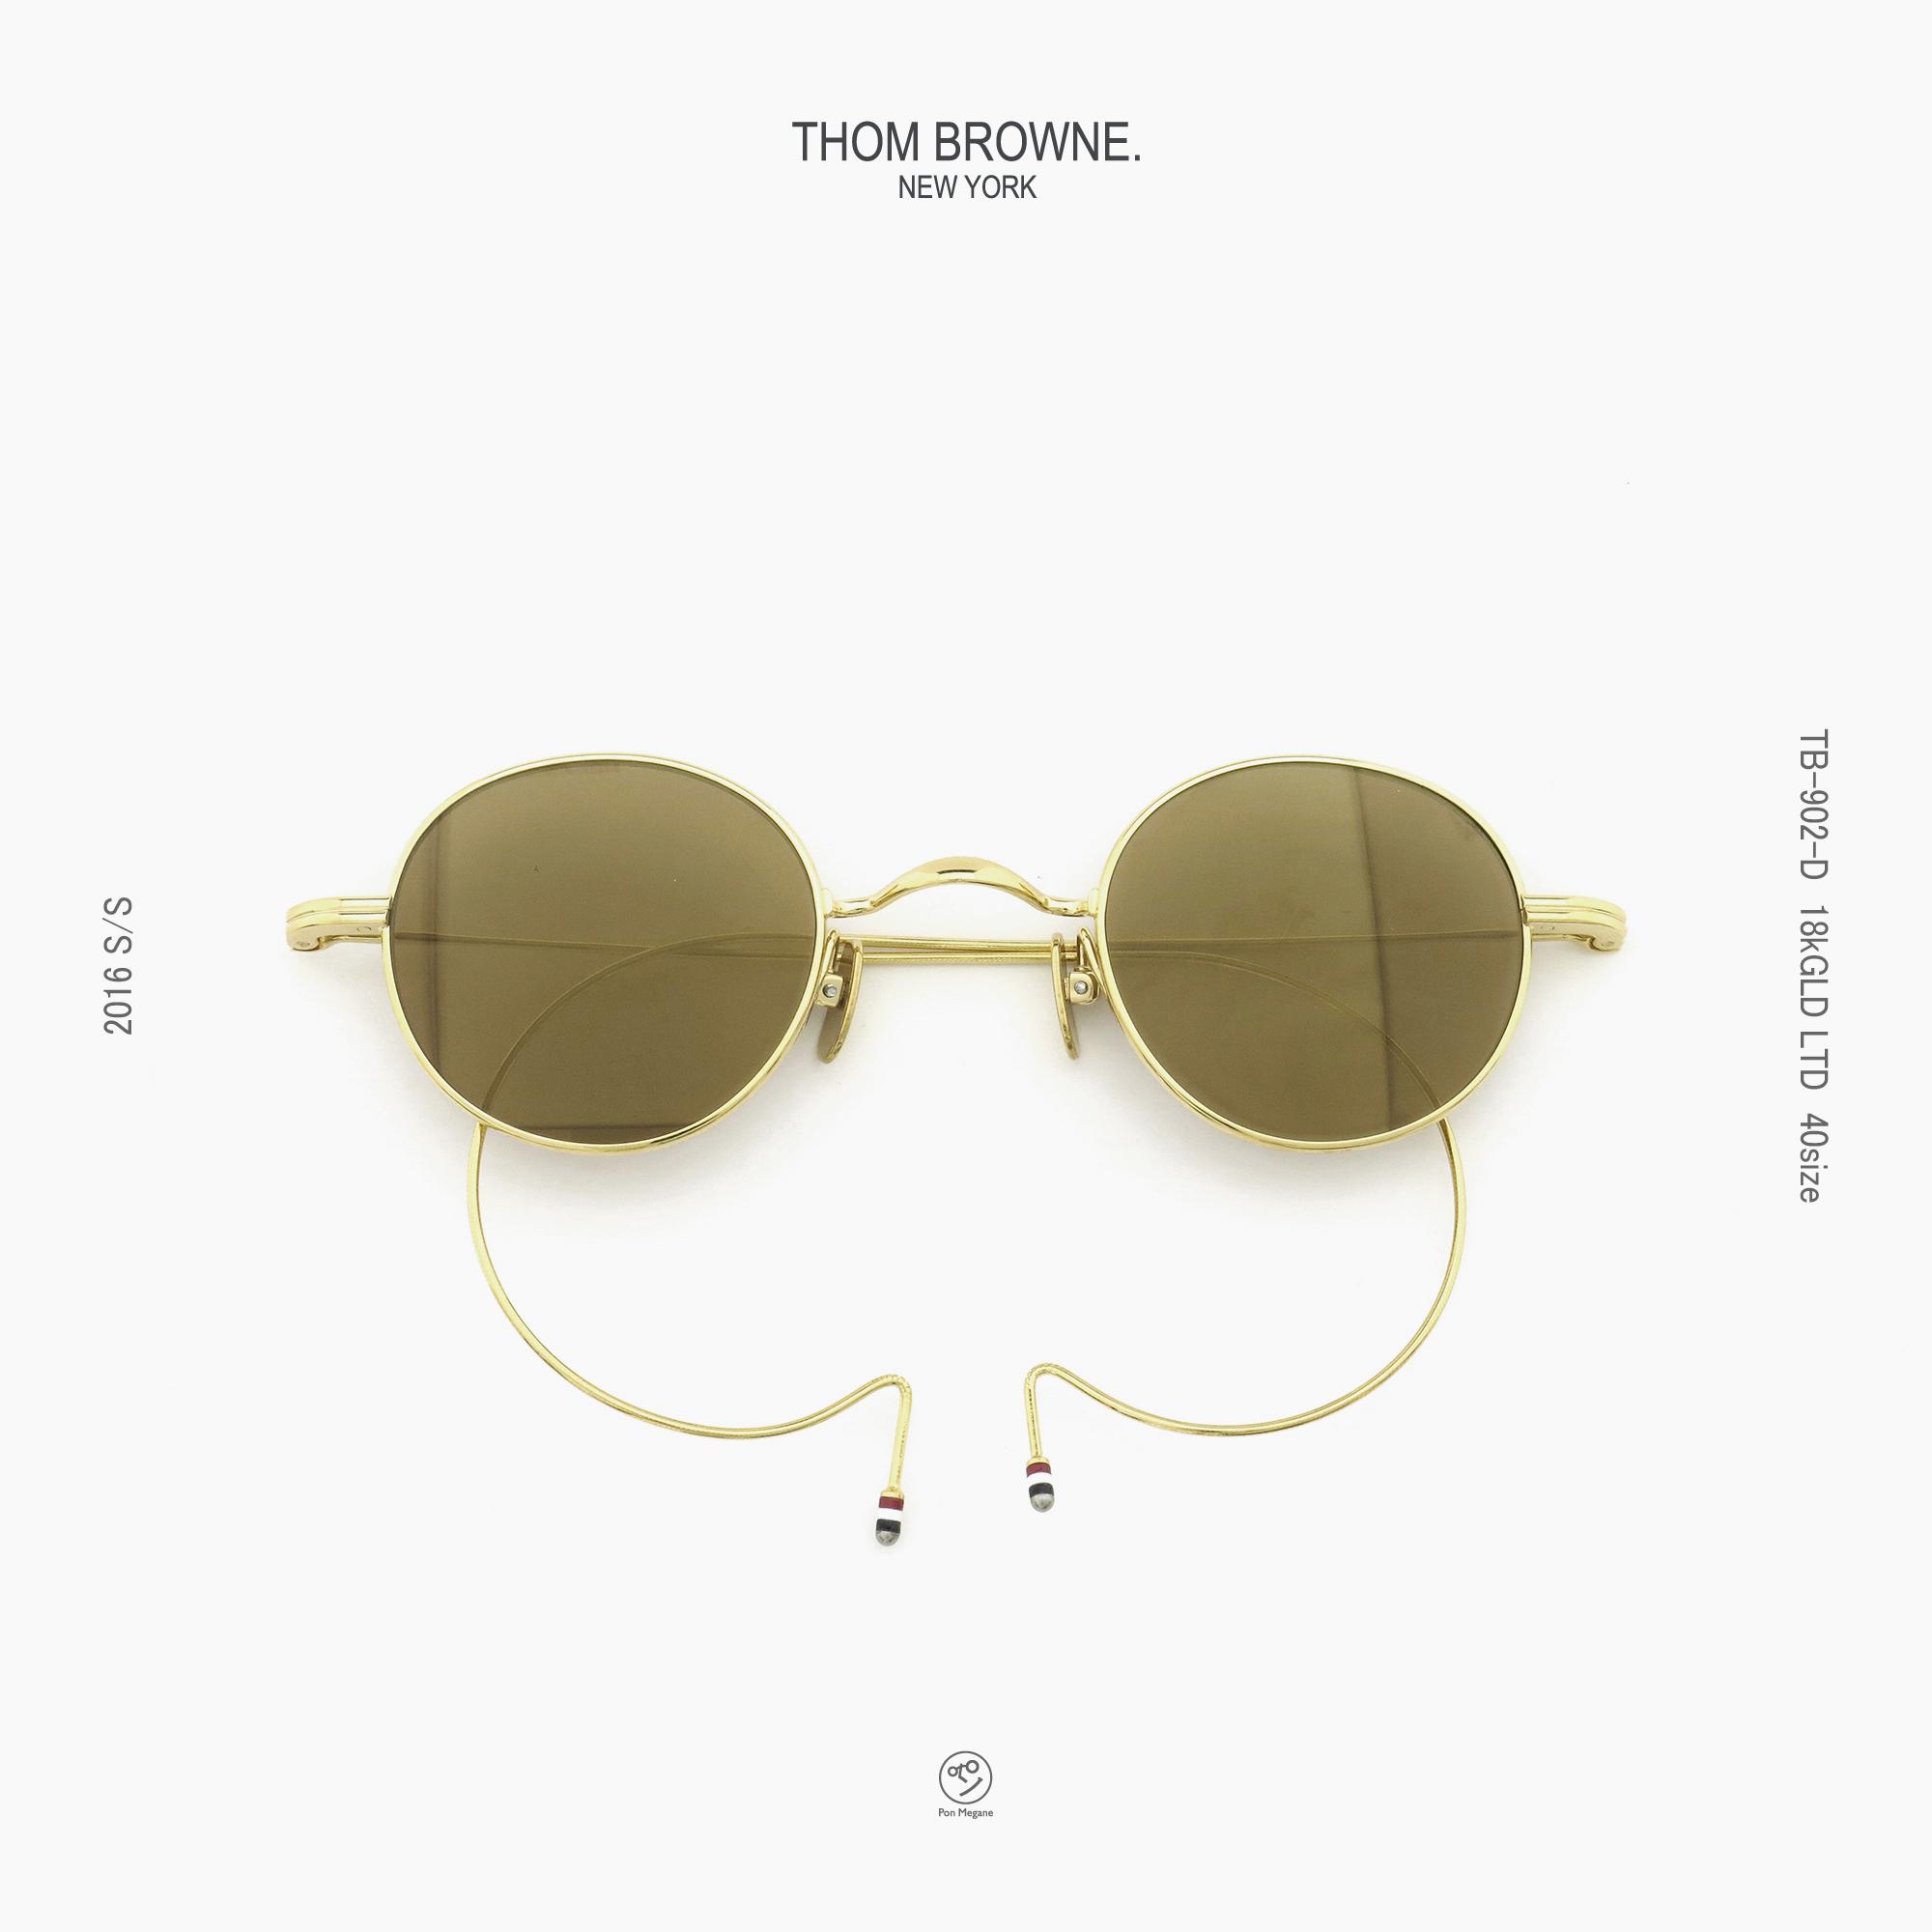 THOM-BROWNE_TB-902-D_18KGLD_LTD_40_insta